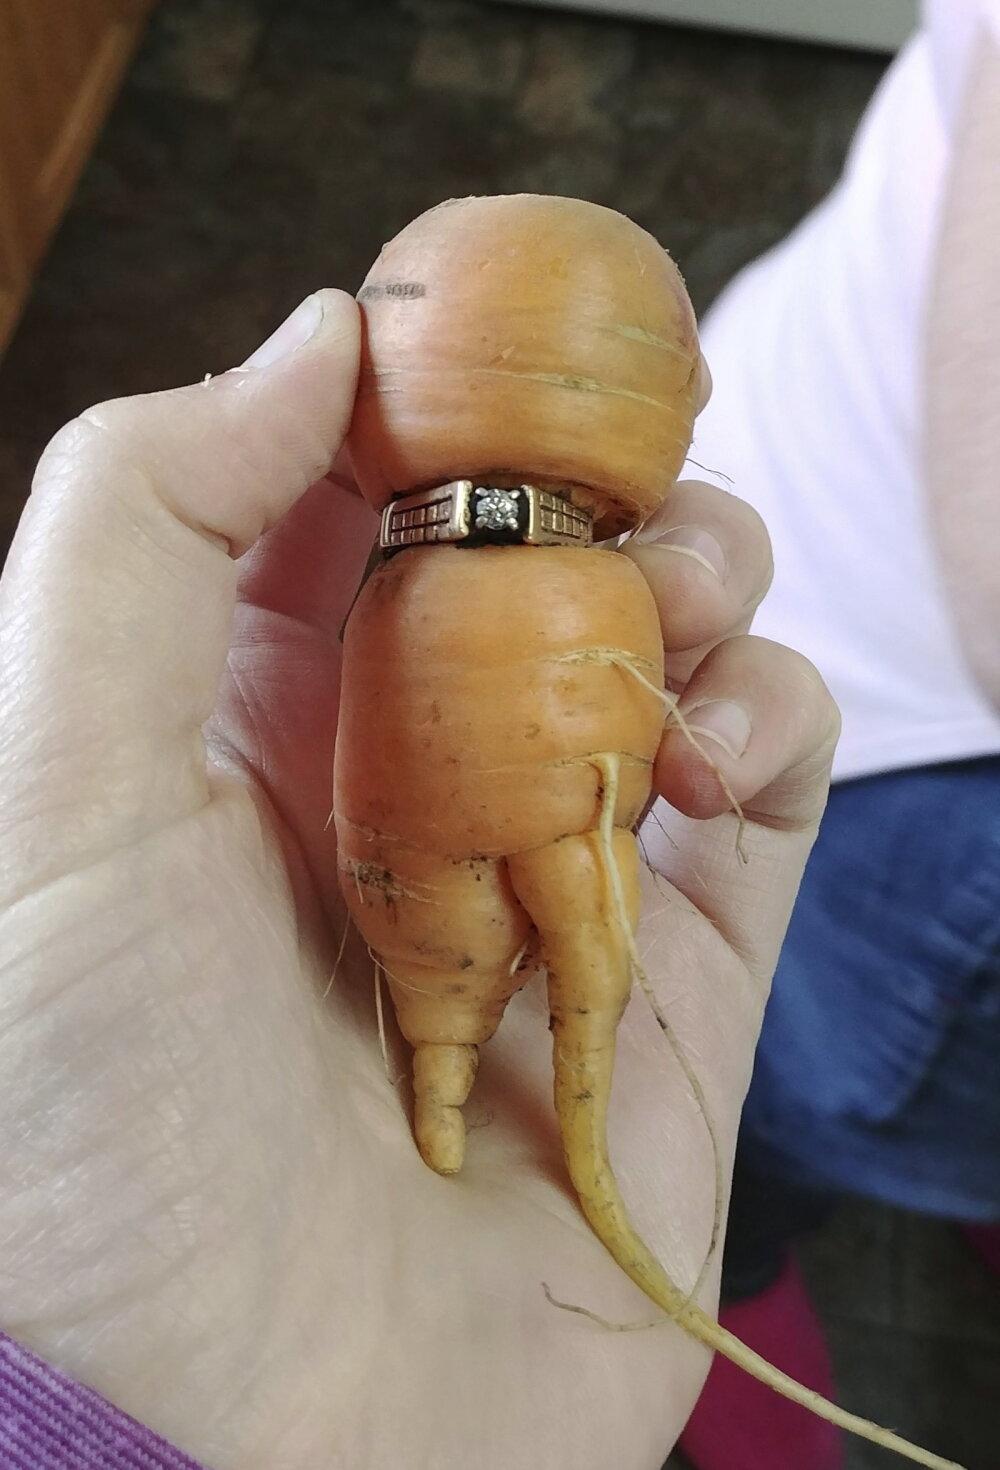 Потерянное обручальное кольцо нашлось на морковке 13 лет спустя рекомендации